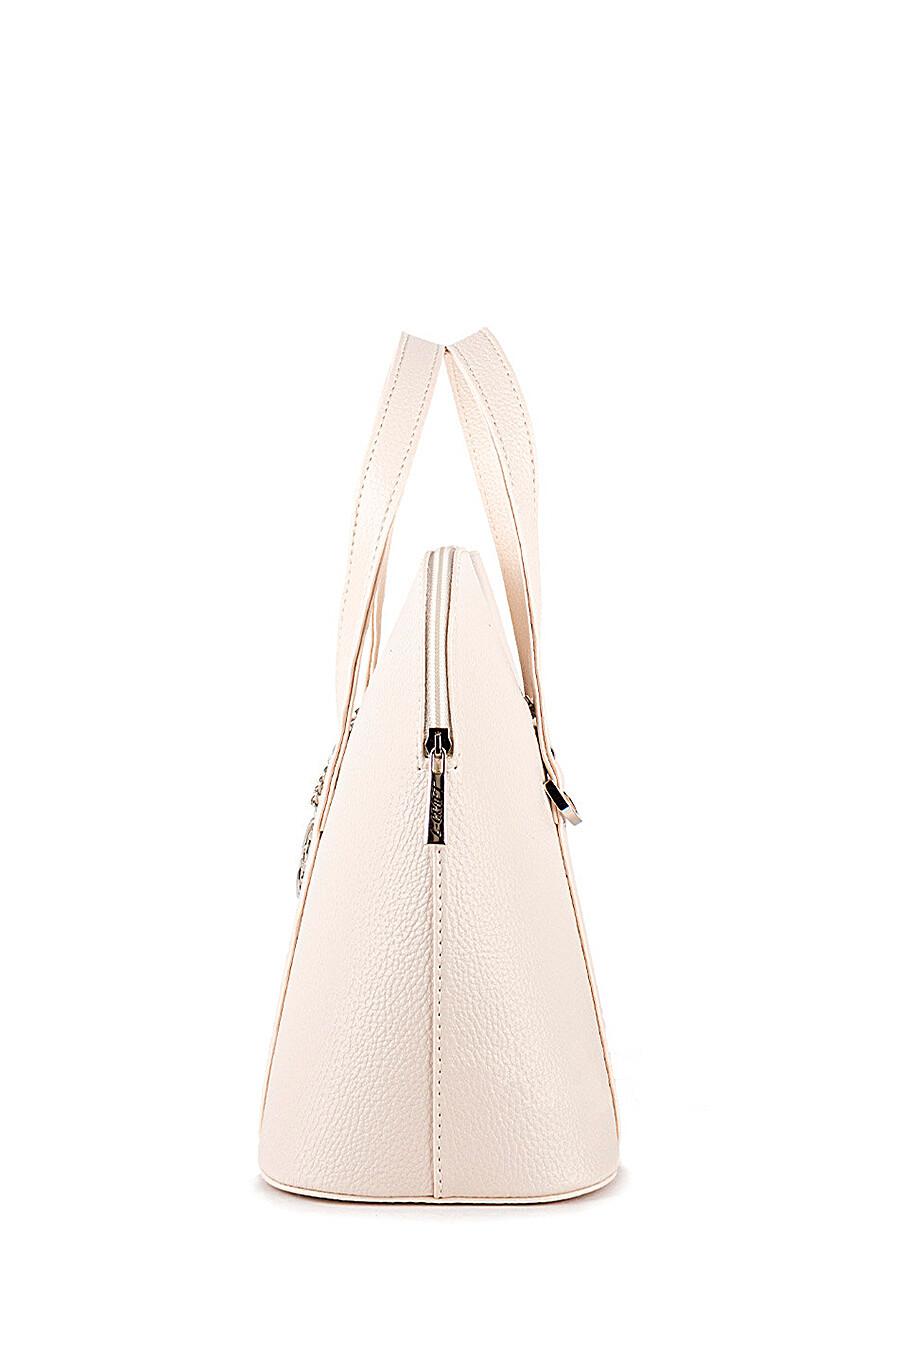 Сумка для женщин L-CRAFT 668233 купить оптом от производителя. Совместная покупка женской одежды в OptMoyo